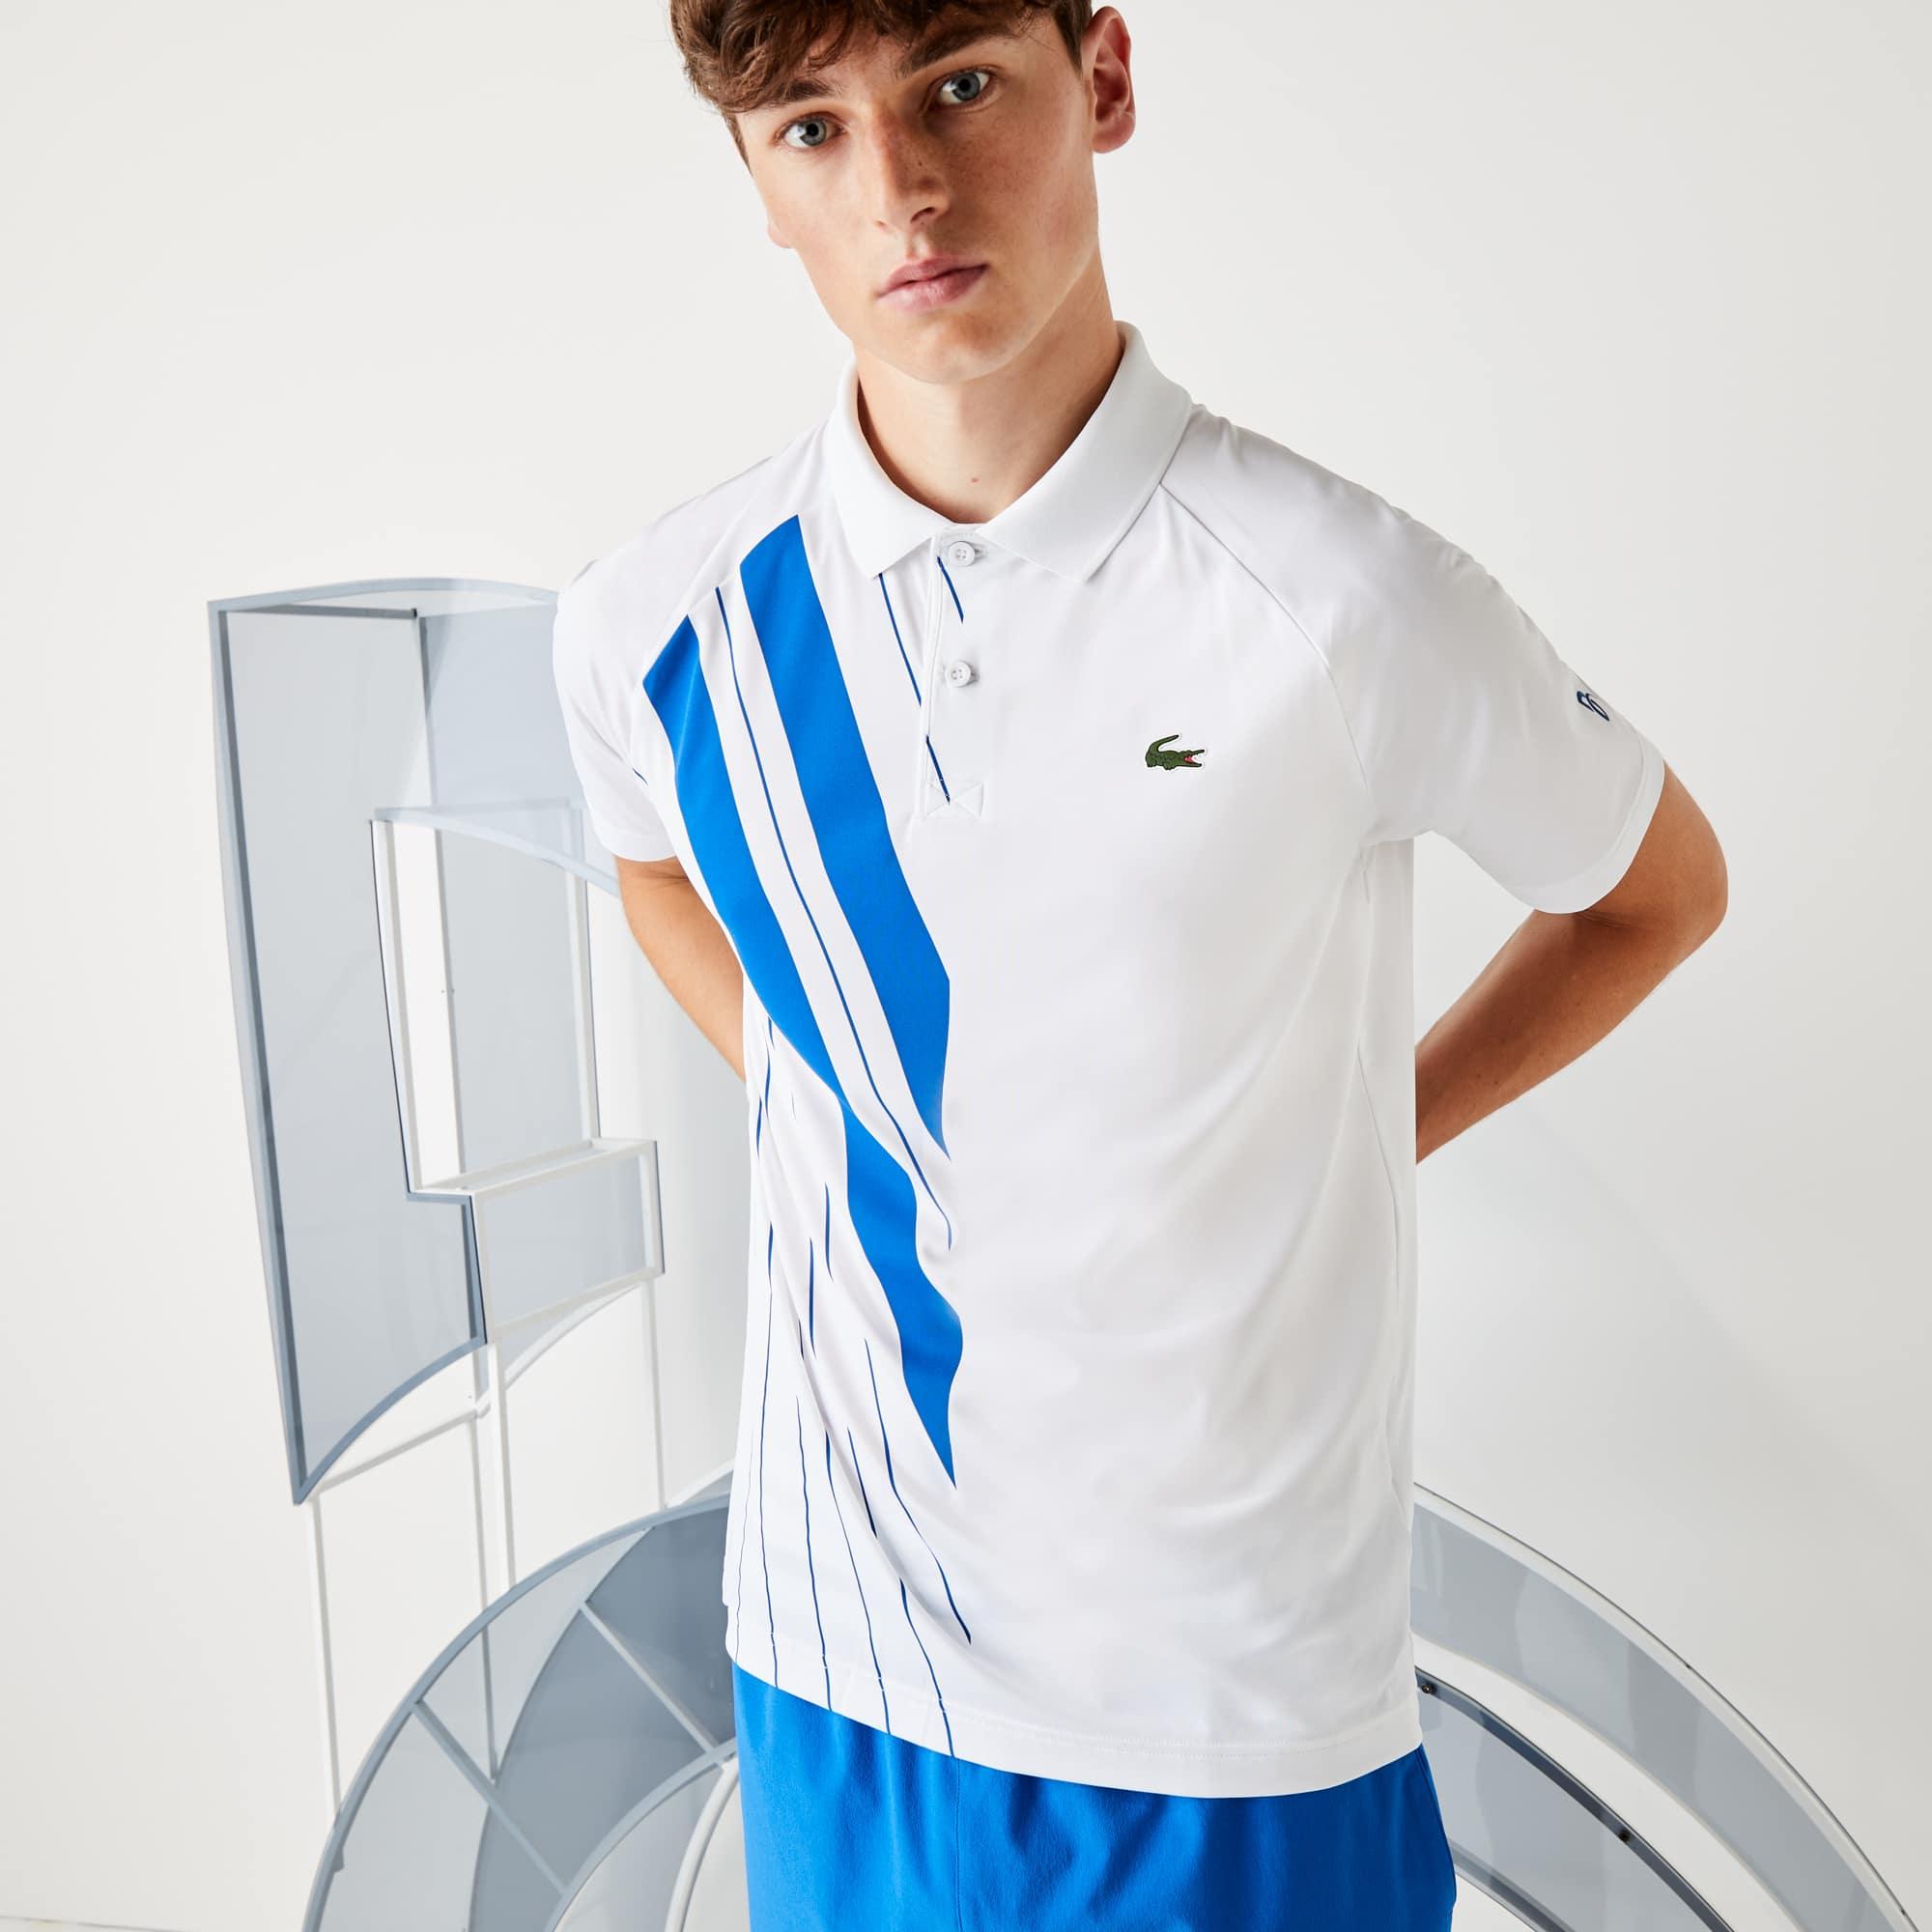 라코스테 X 노박 조코비치 폴로 셔츠 Lacoste Mens SPORT x Novak Djokovic Print Stretch Jersey Polo Shirt